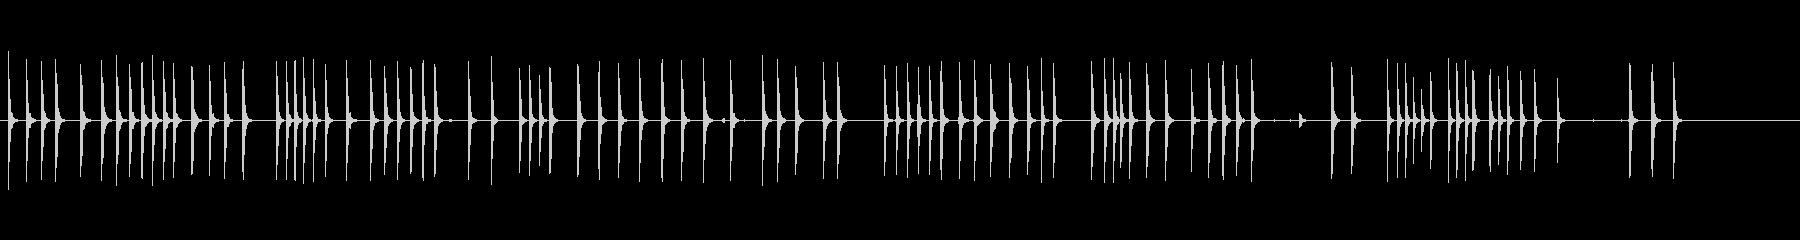 木の板のハンマーの未再生の波形